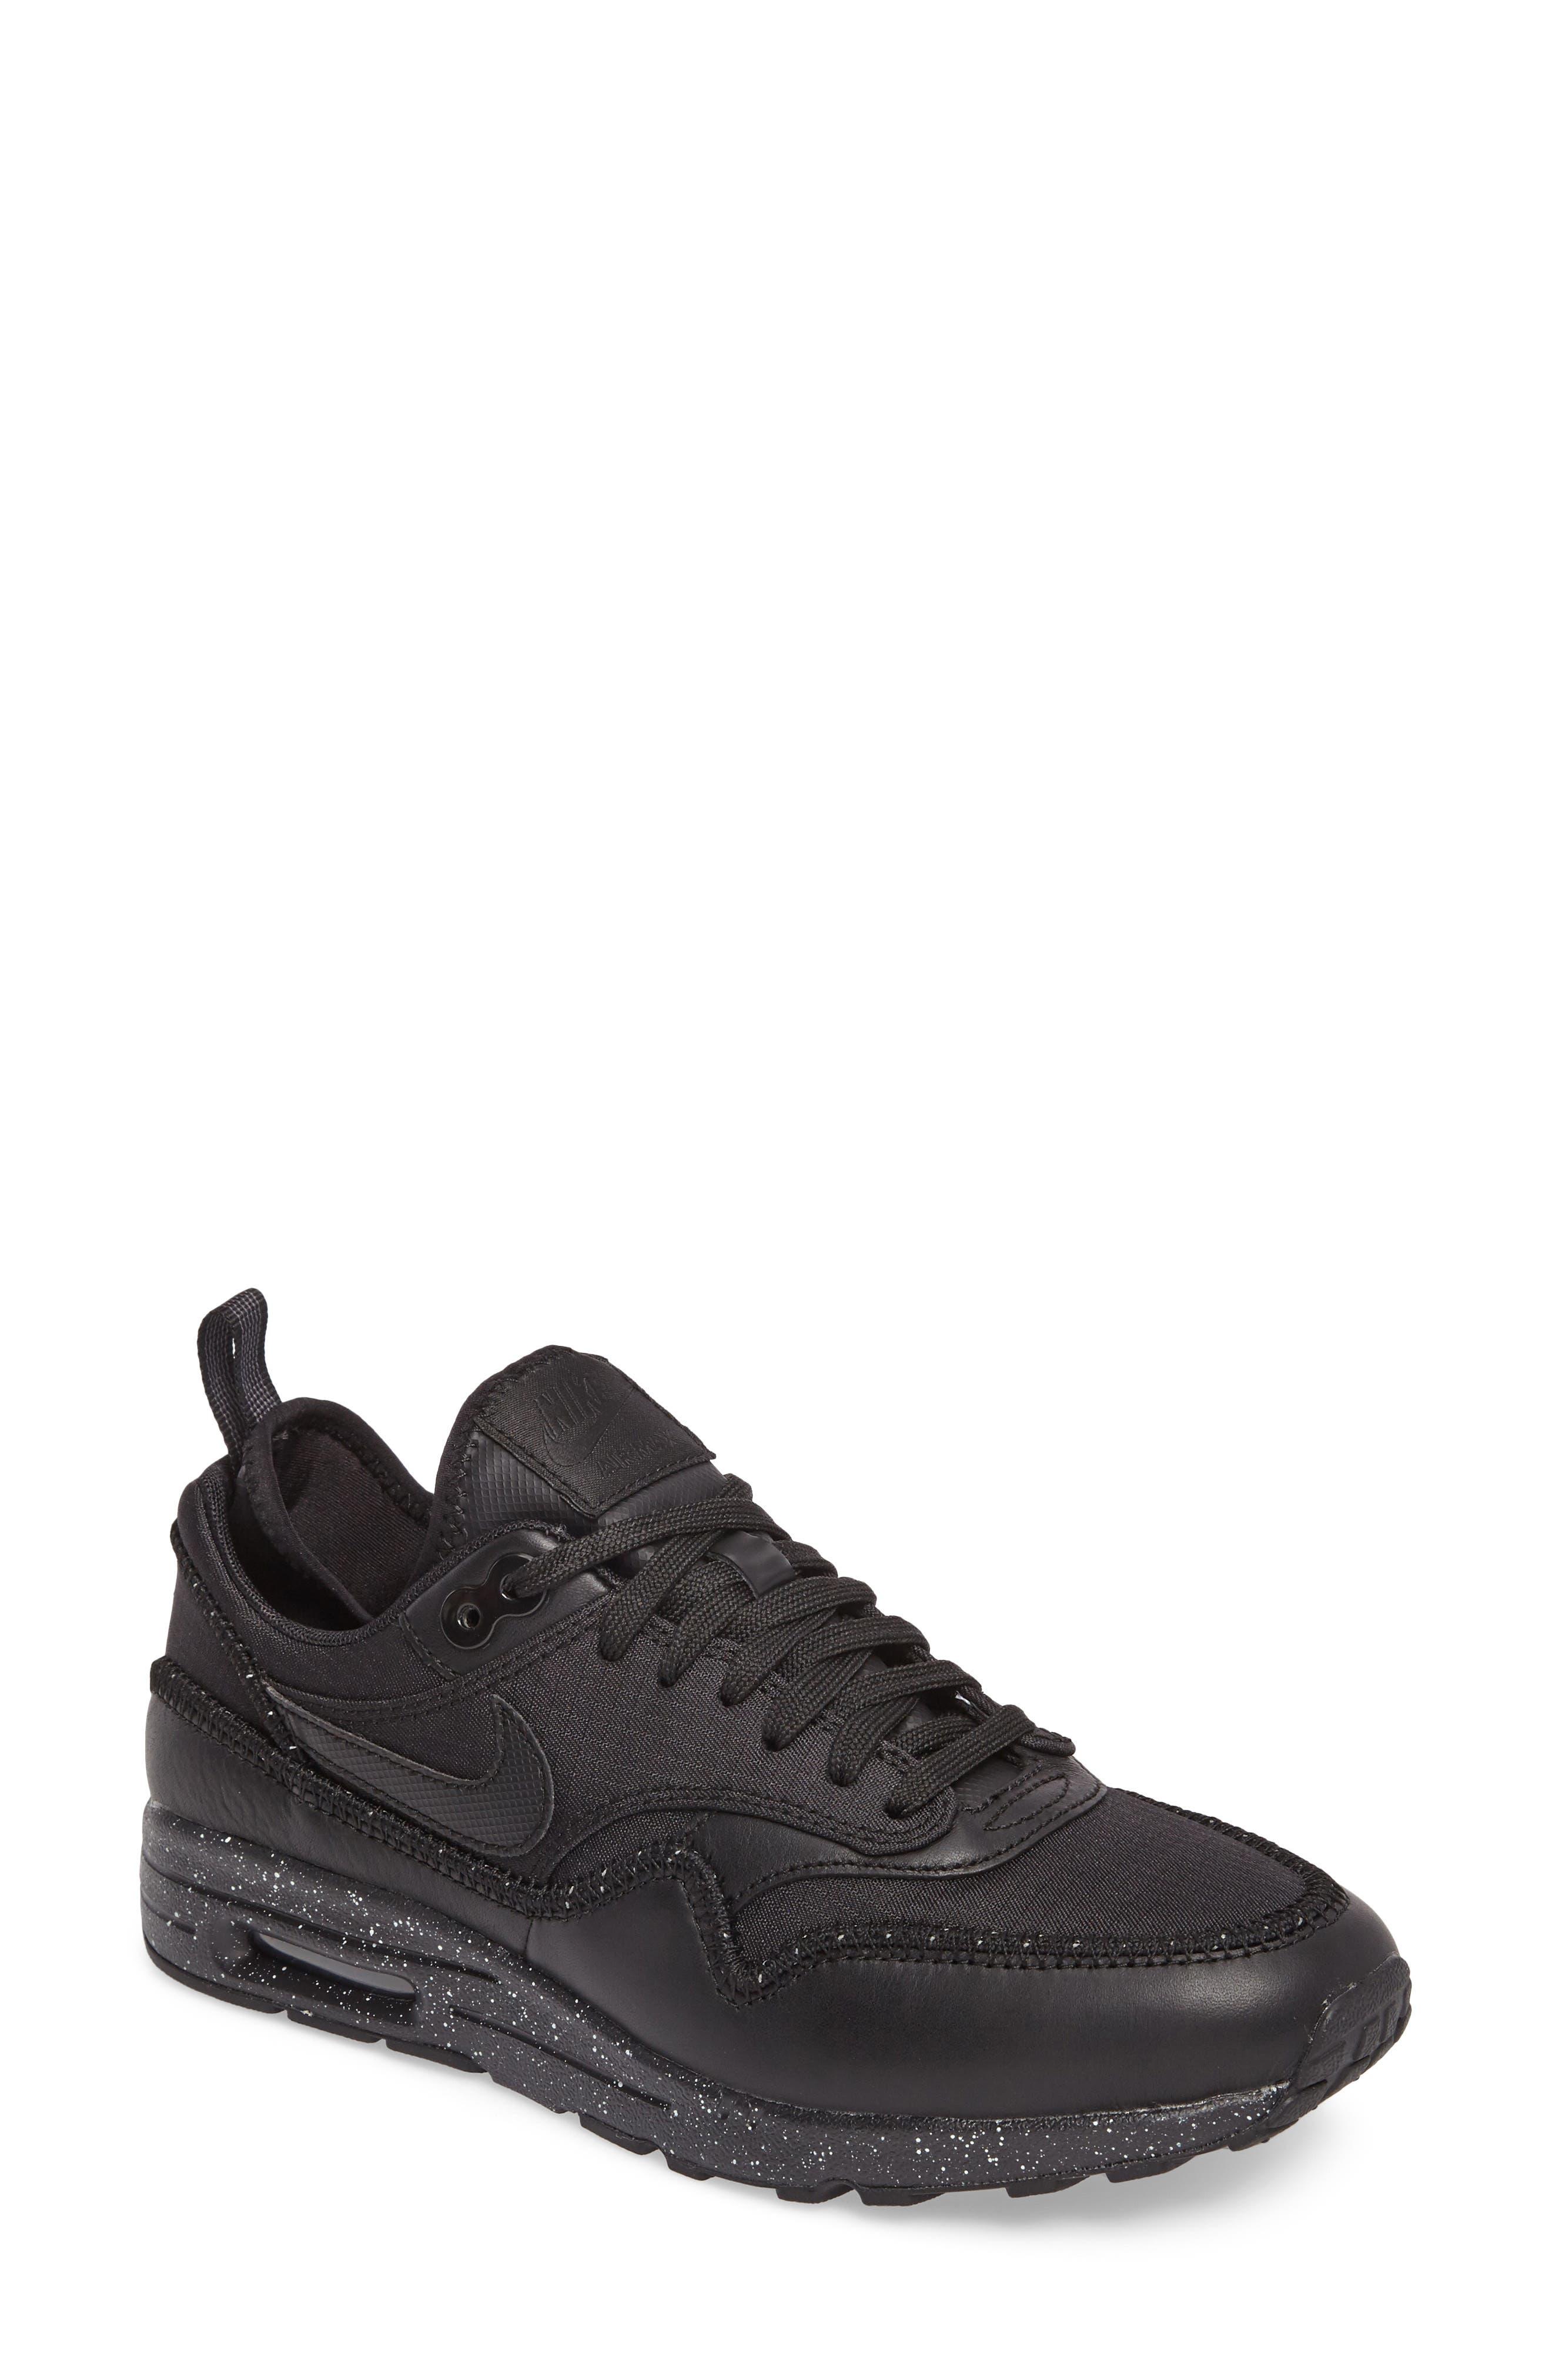 Main Image - Nike Air Max 1 Ultra 2.0 SI Sneaker (Women)